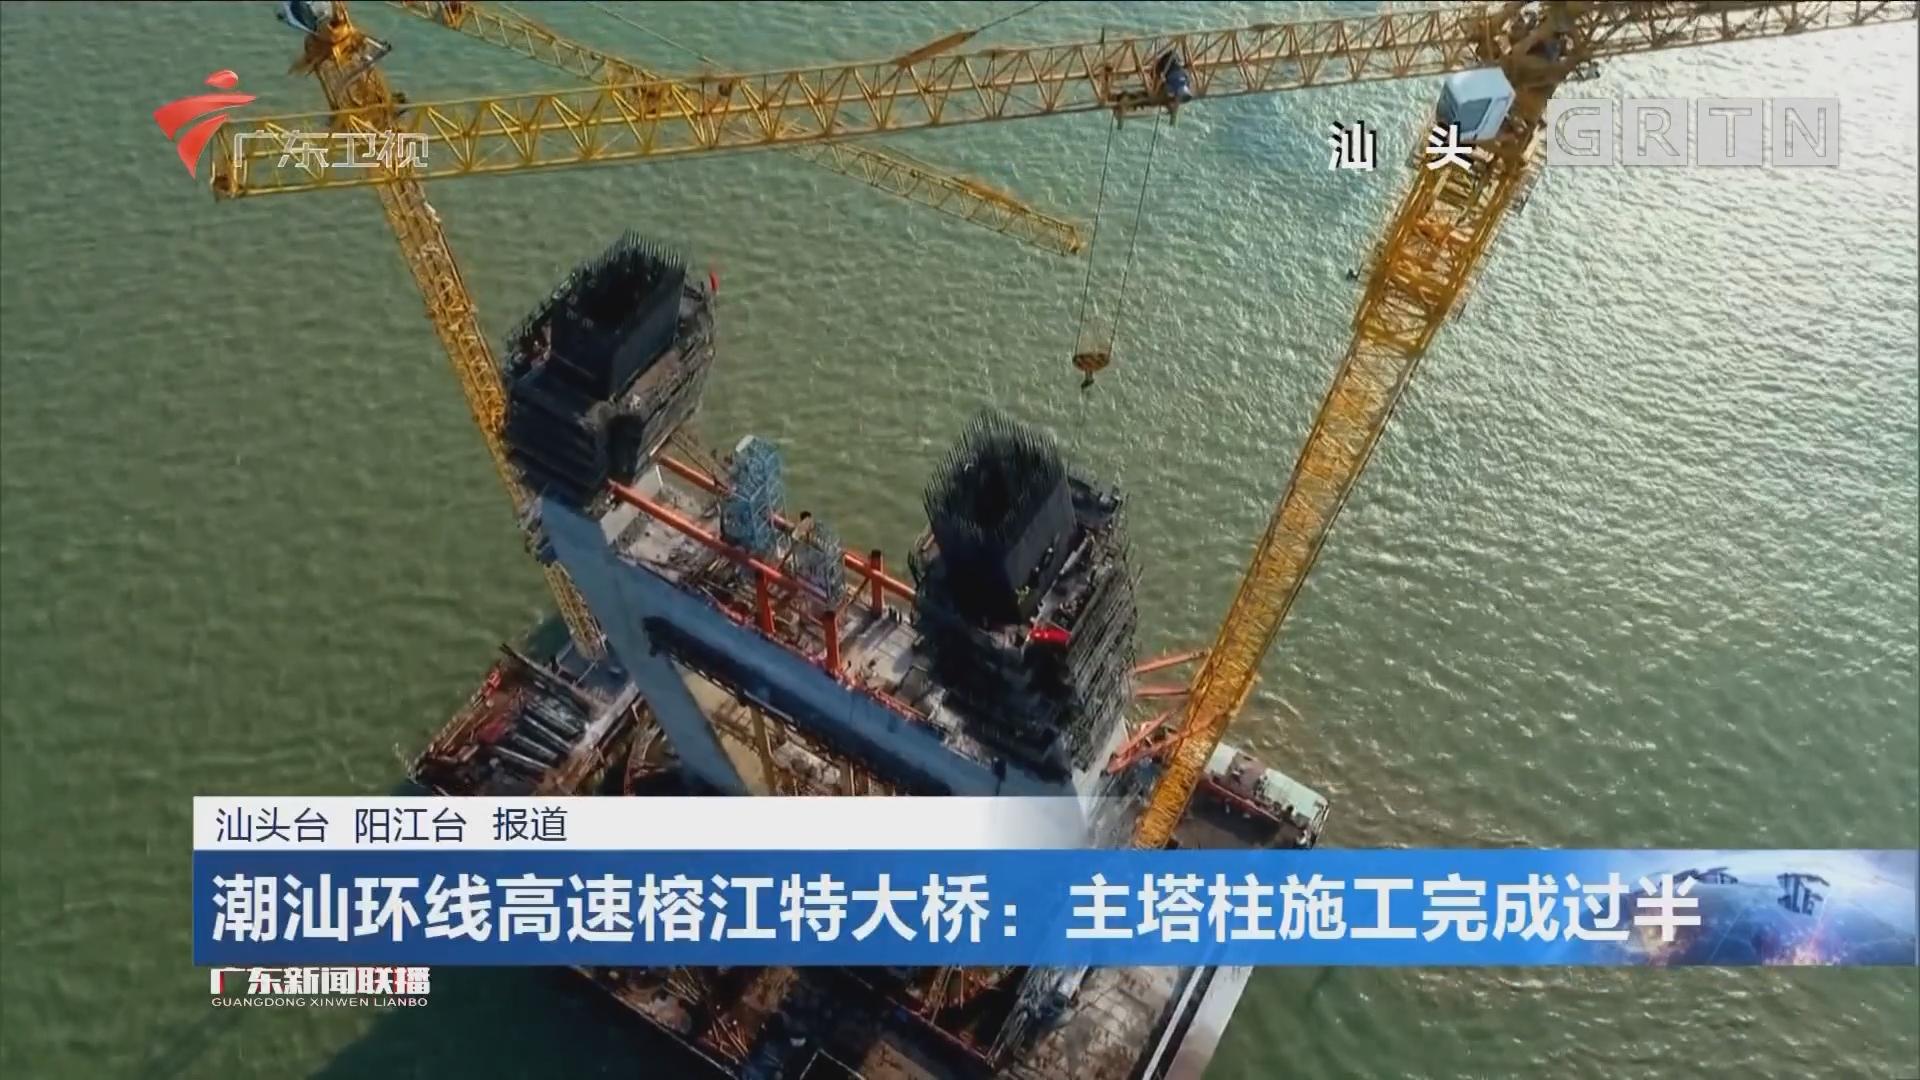 潮汕环线高速榕江特大桥:主塔柱施工完成过半